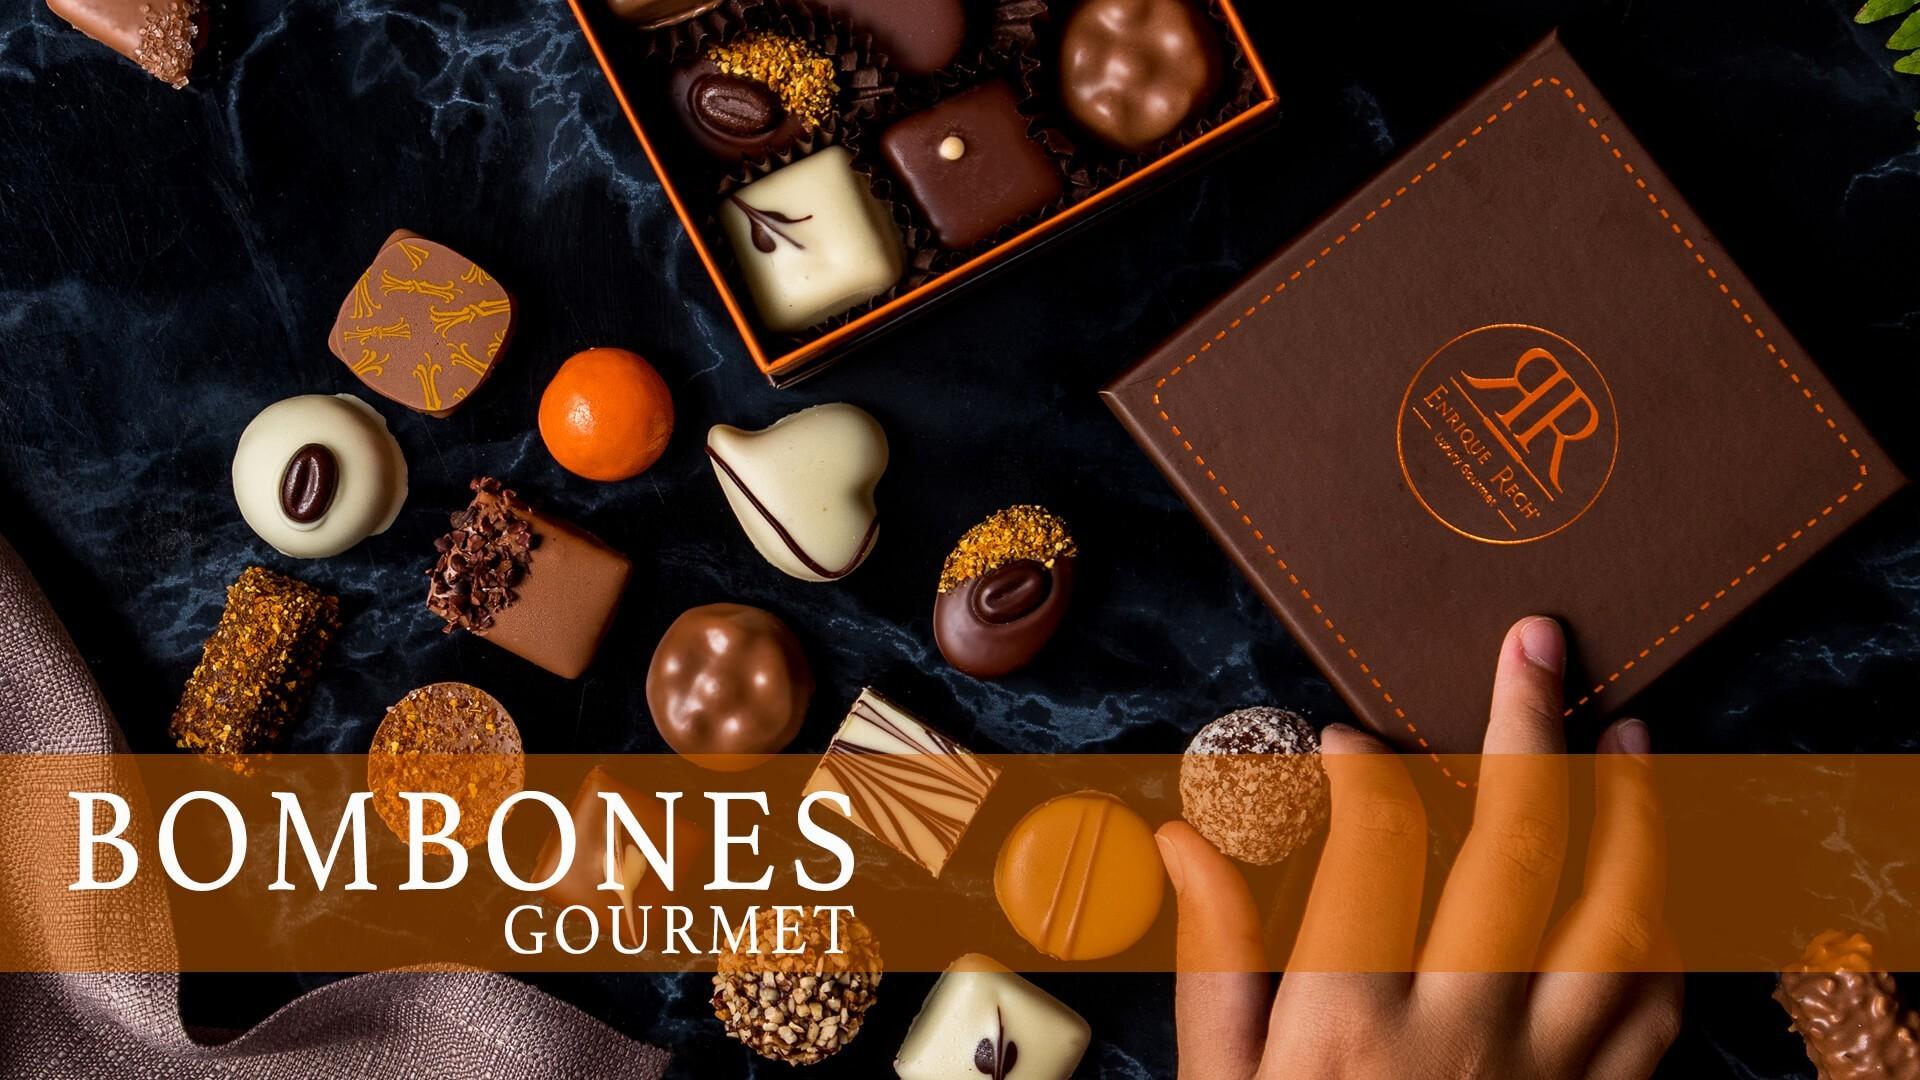 ▷ Bombones gourmet | Enrique Rech │ Bombones online de máxima calidad